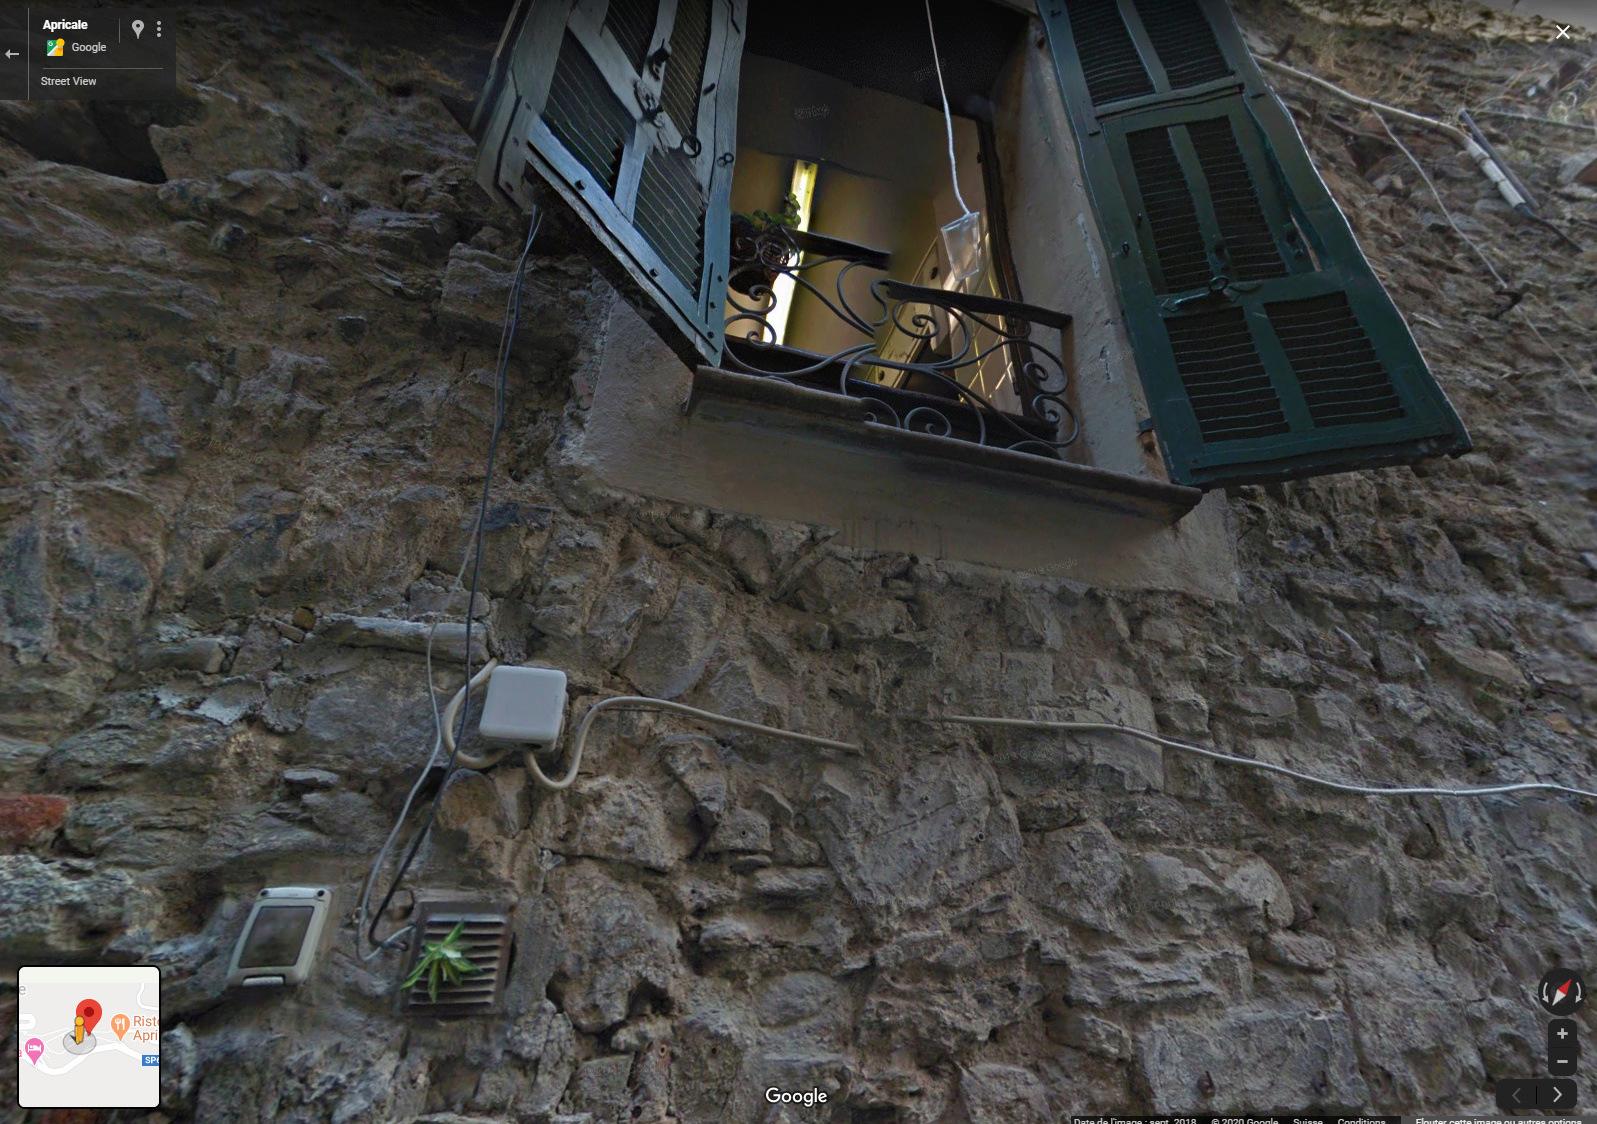 Apricale, le plus beau village d'Italie Aprica10